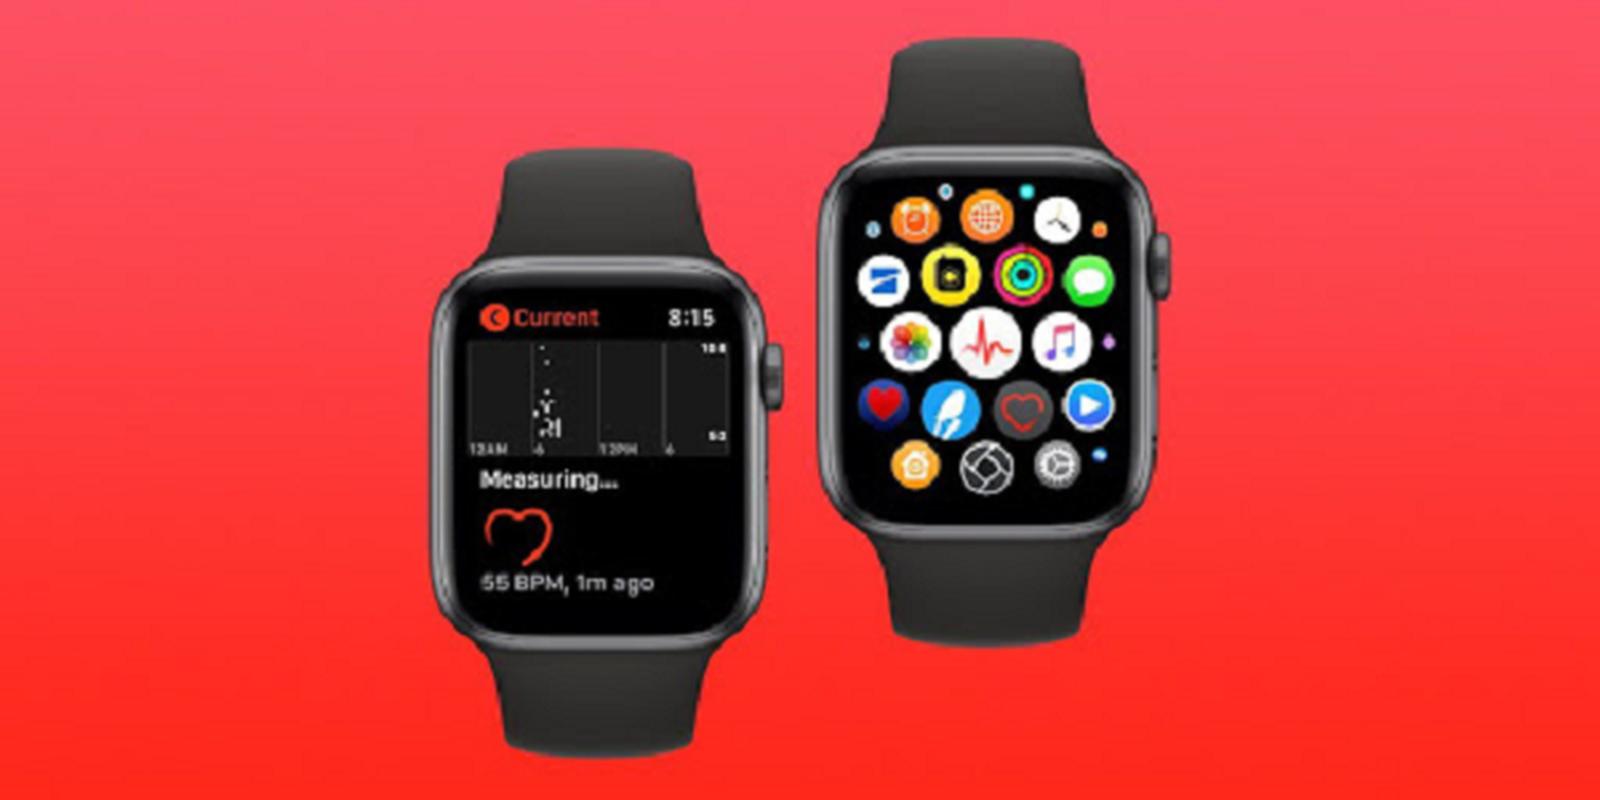 Kich hoat ngay tinh nang nay cua Apple Watch de chong dot quy-Hinh-2